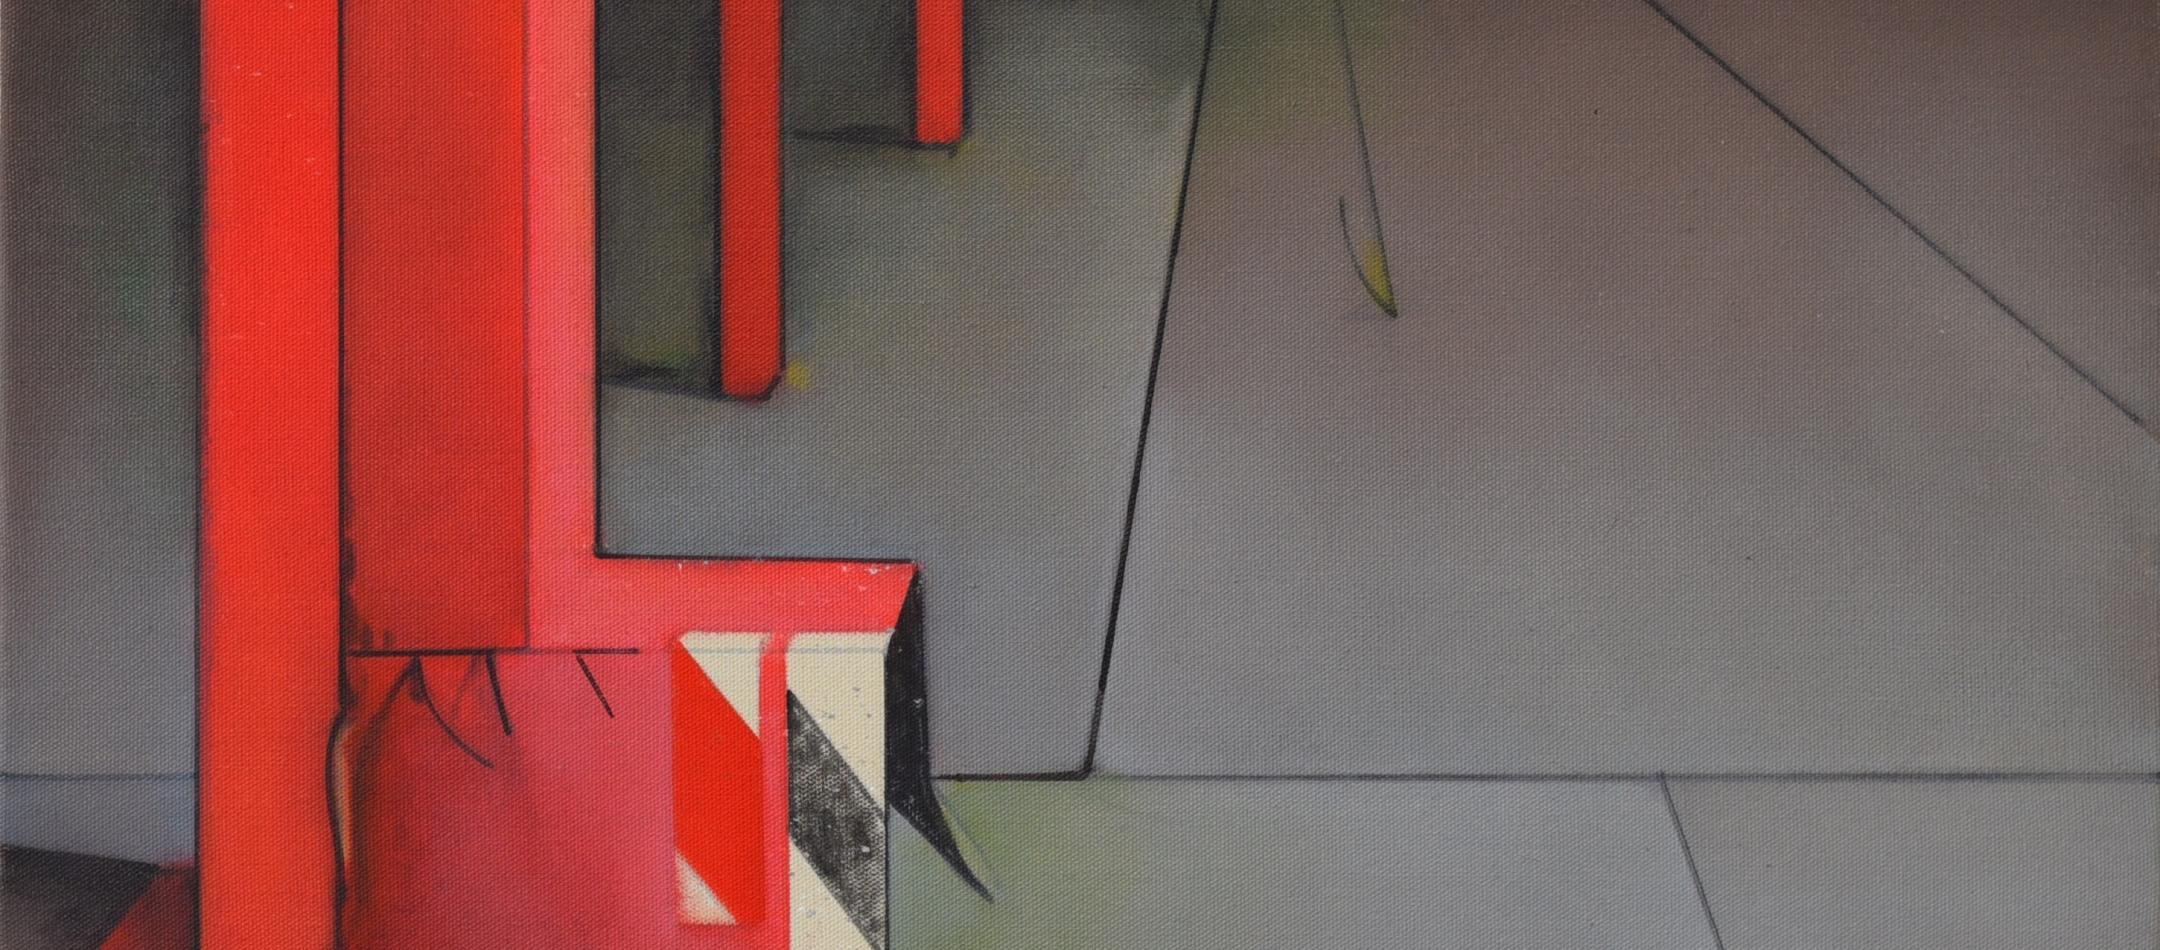 Memory Slips - Esteban Cabeza de Baca, Thoralf Knobloch, and Martin Mannig